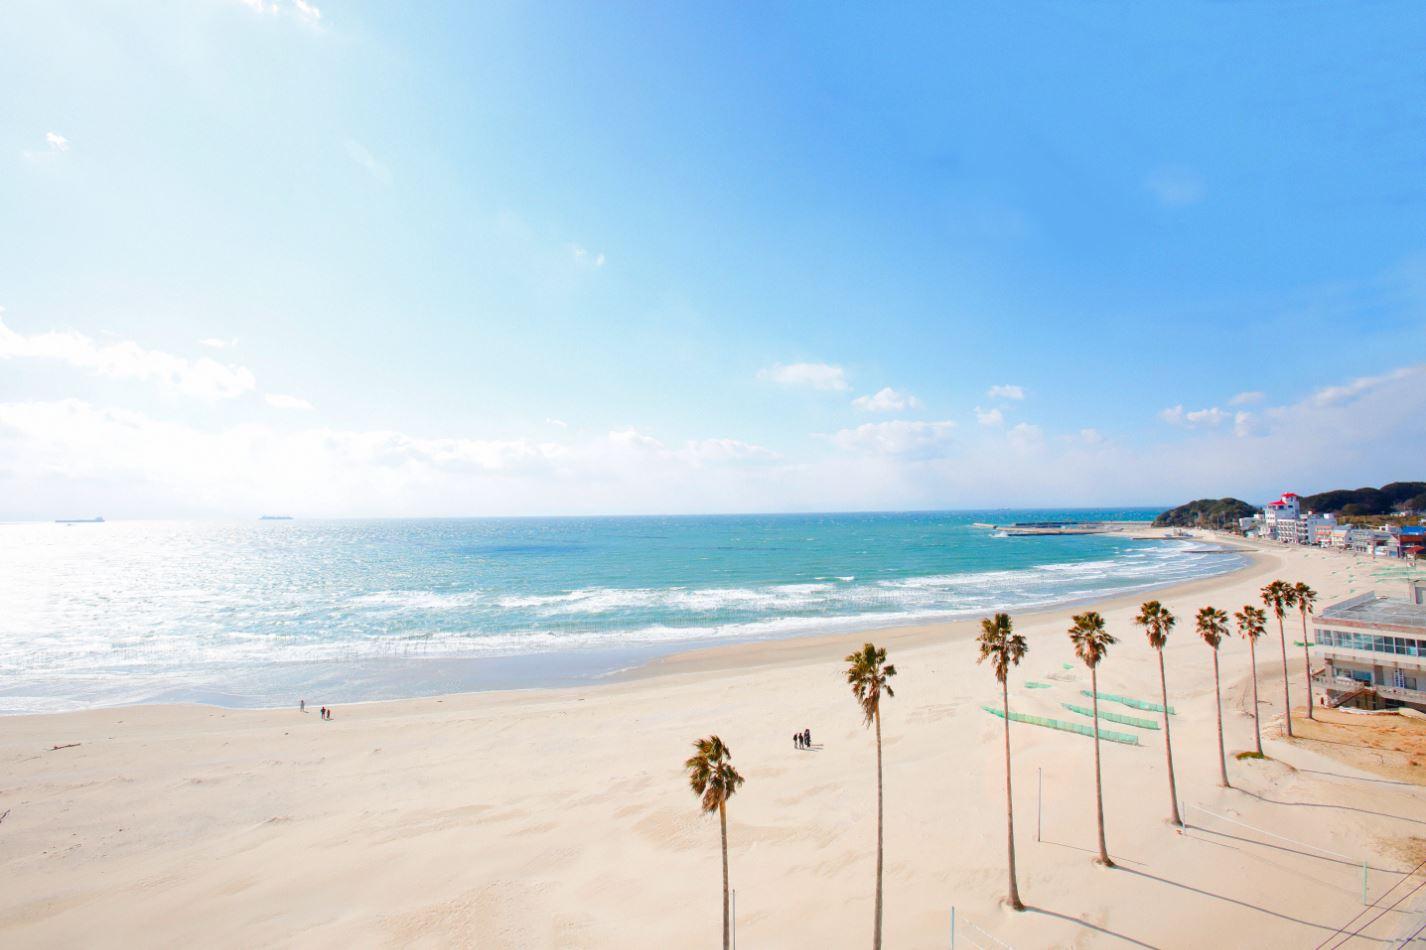 日本の渚100選にも選ばれている「千鳥ヶ浜」